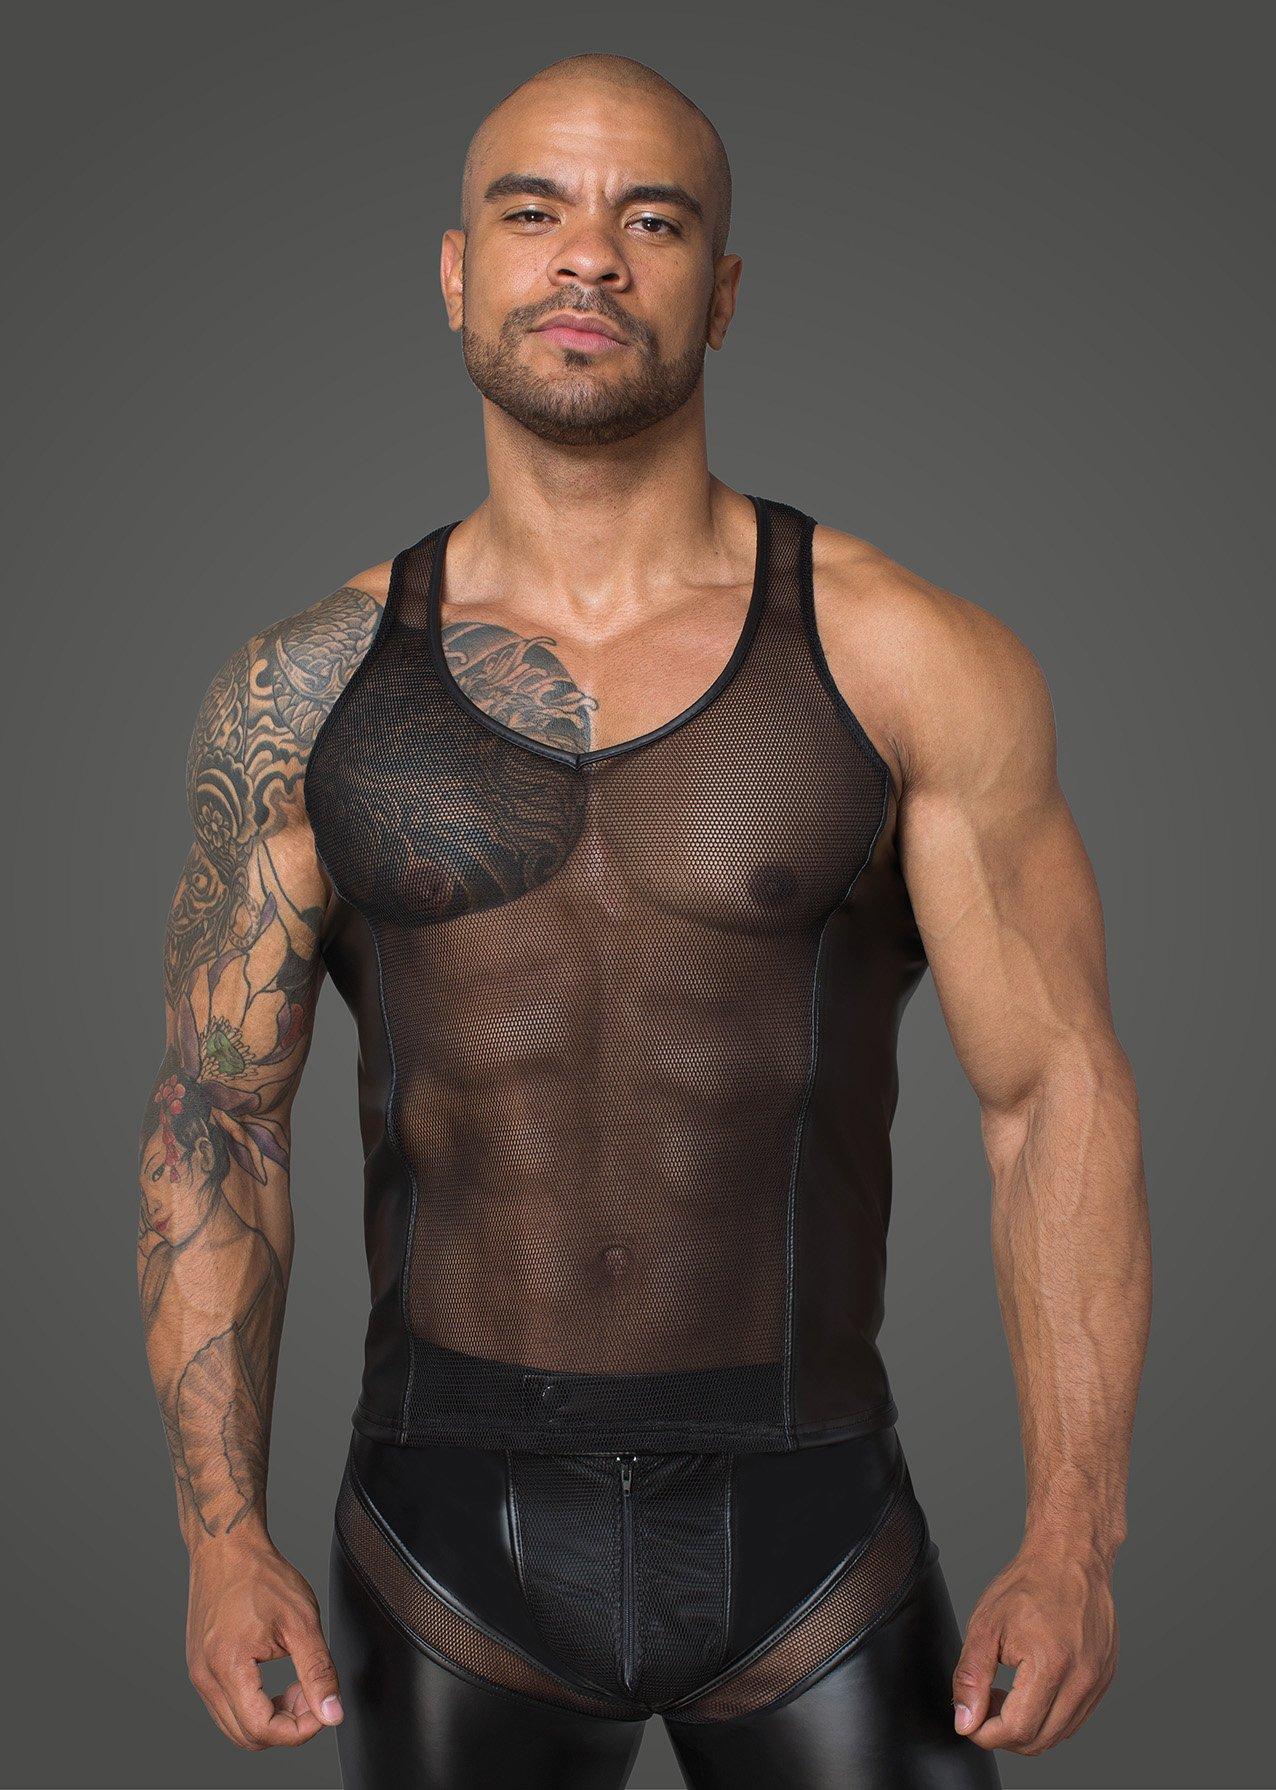 Фото 1 - мужчина в мужской секс одежде Noir Handmade